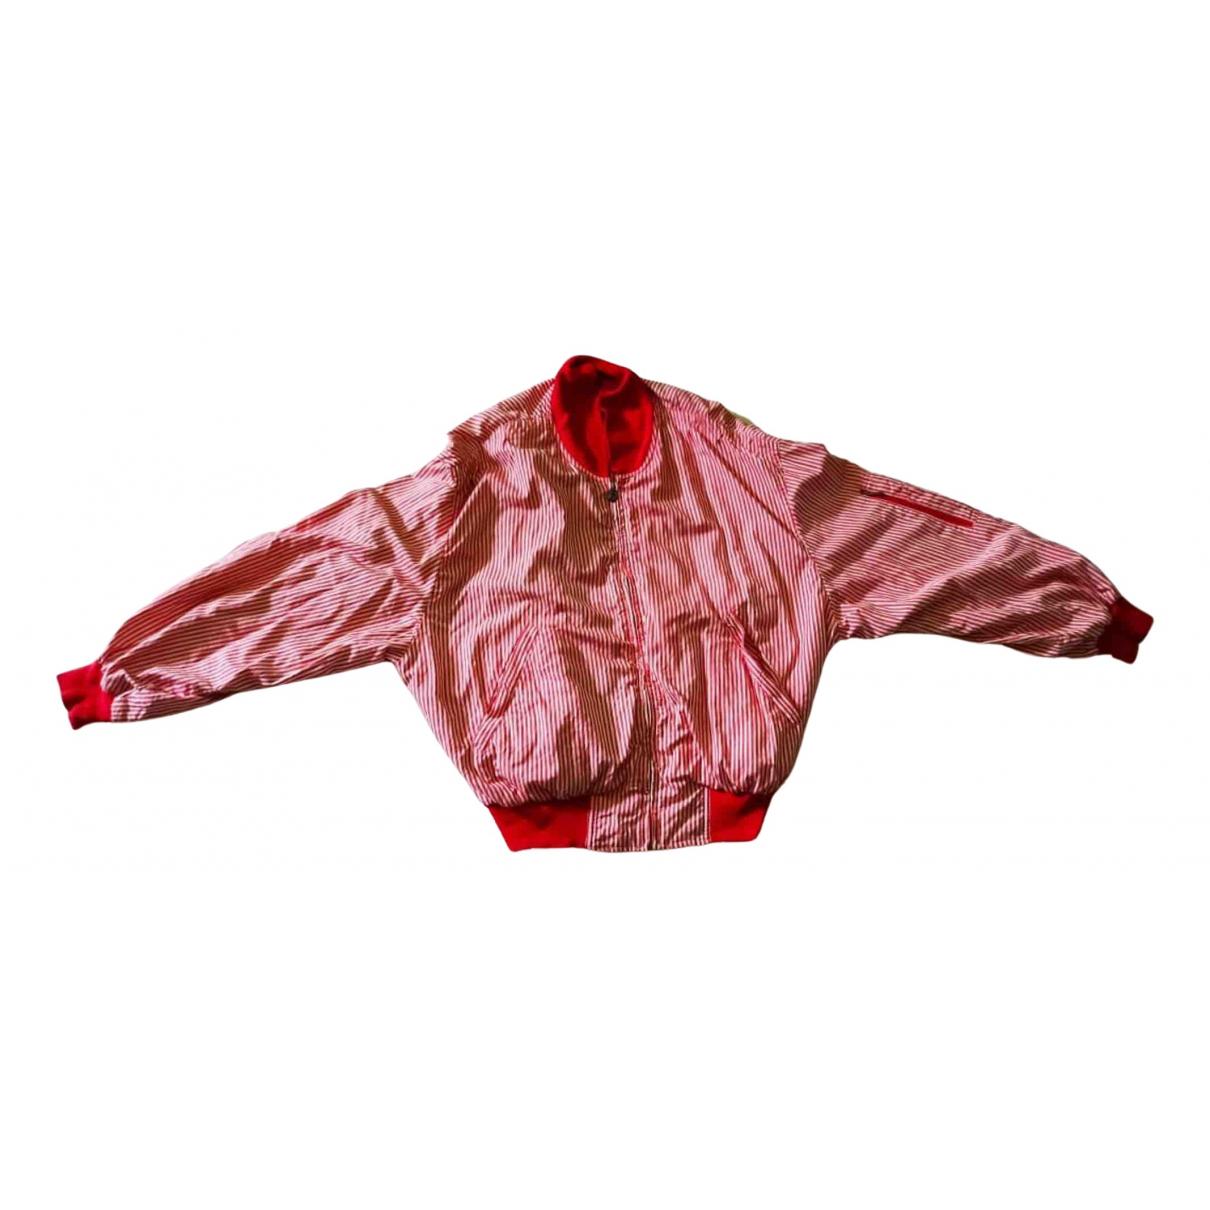 Versus \N jacket  for Men L International